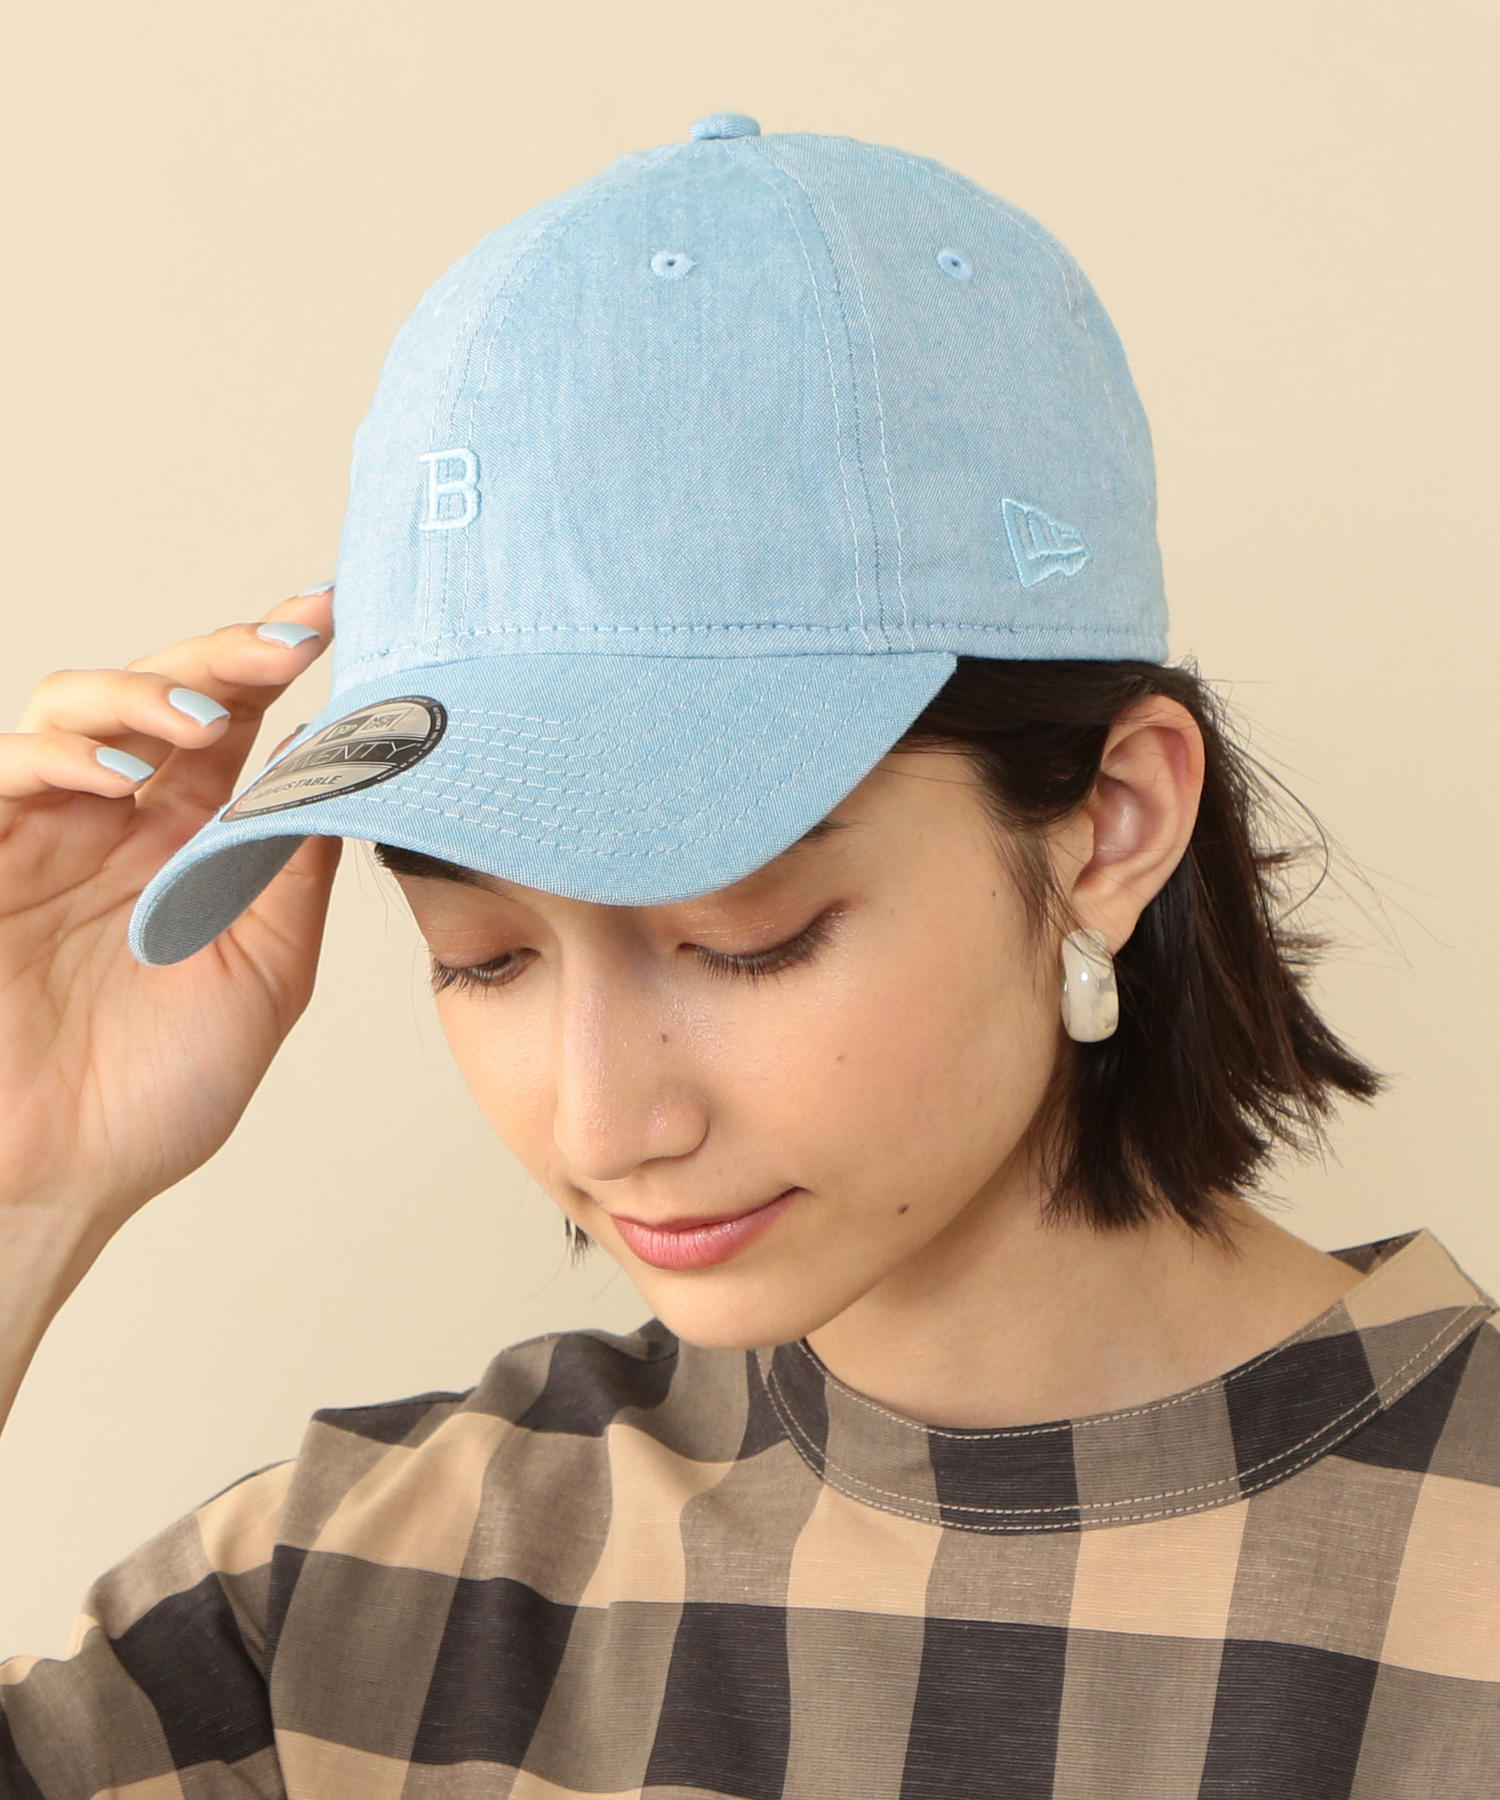 商品詳細 -  別注 <NEW ERA>9TWENTY CAP キャップ|BEAUTY YOUTH ... b3e9e15acb26